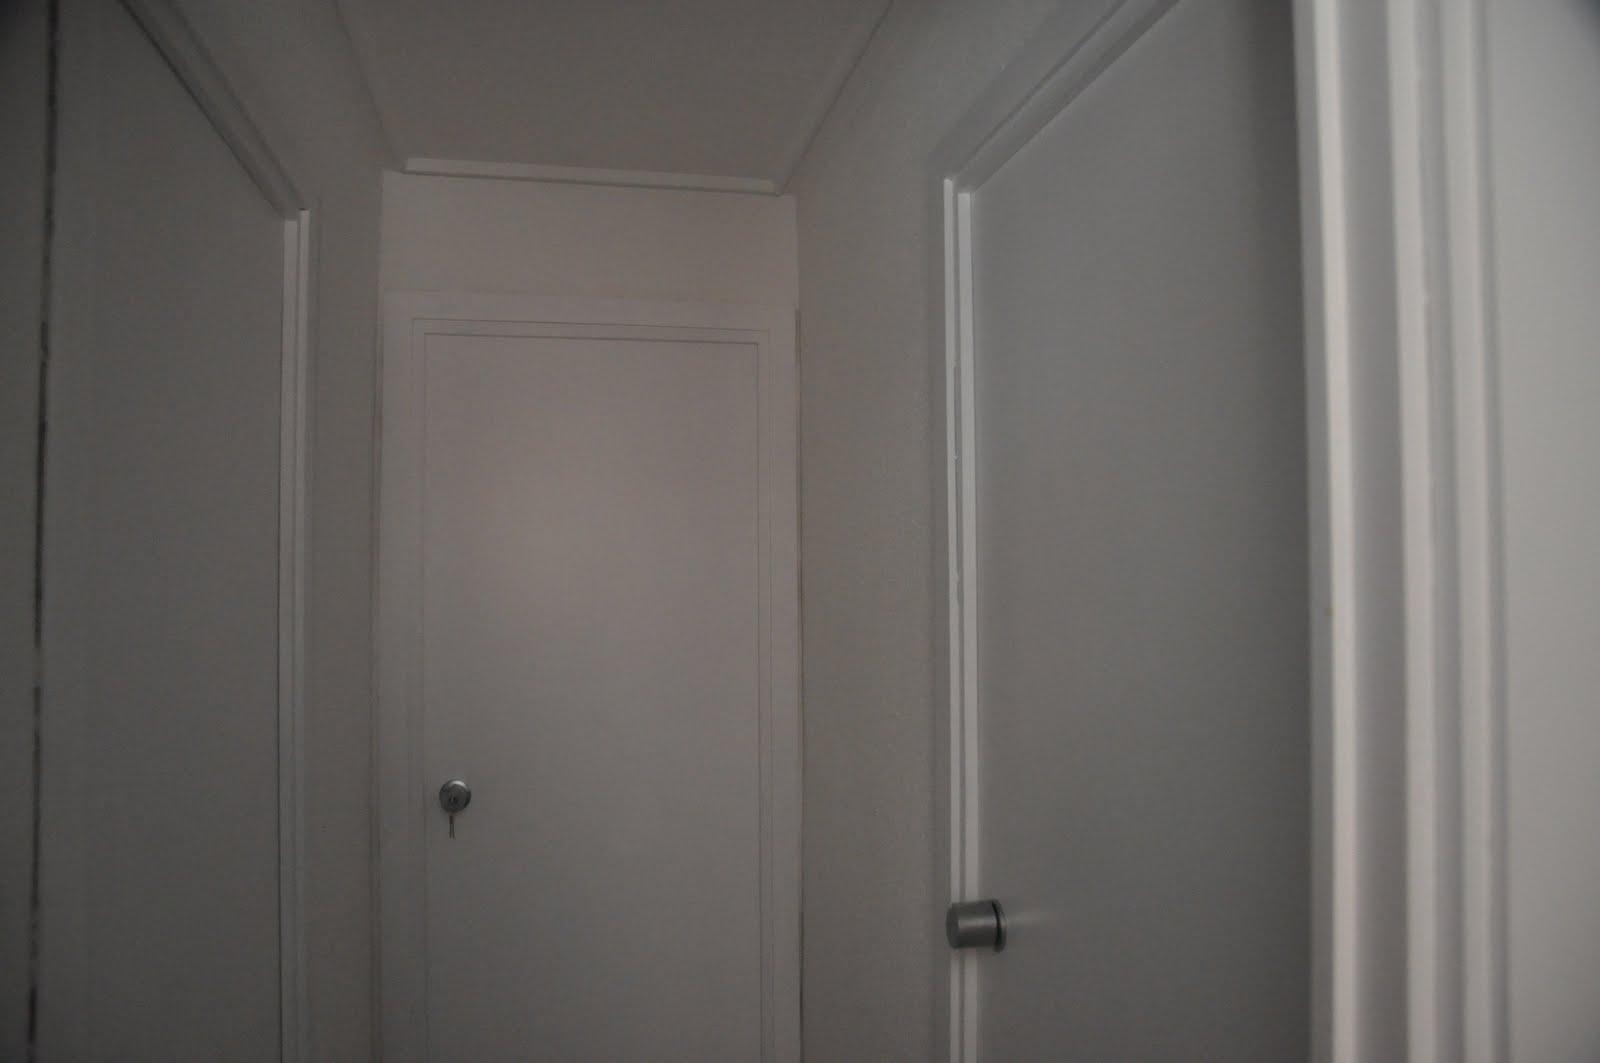 Esp ritu chamarilero lacar puertas en blanco y cambiar - Lacar puertas en blanco precio ...